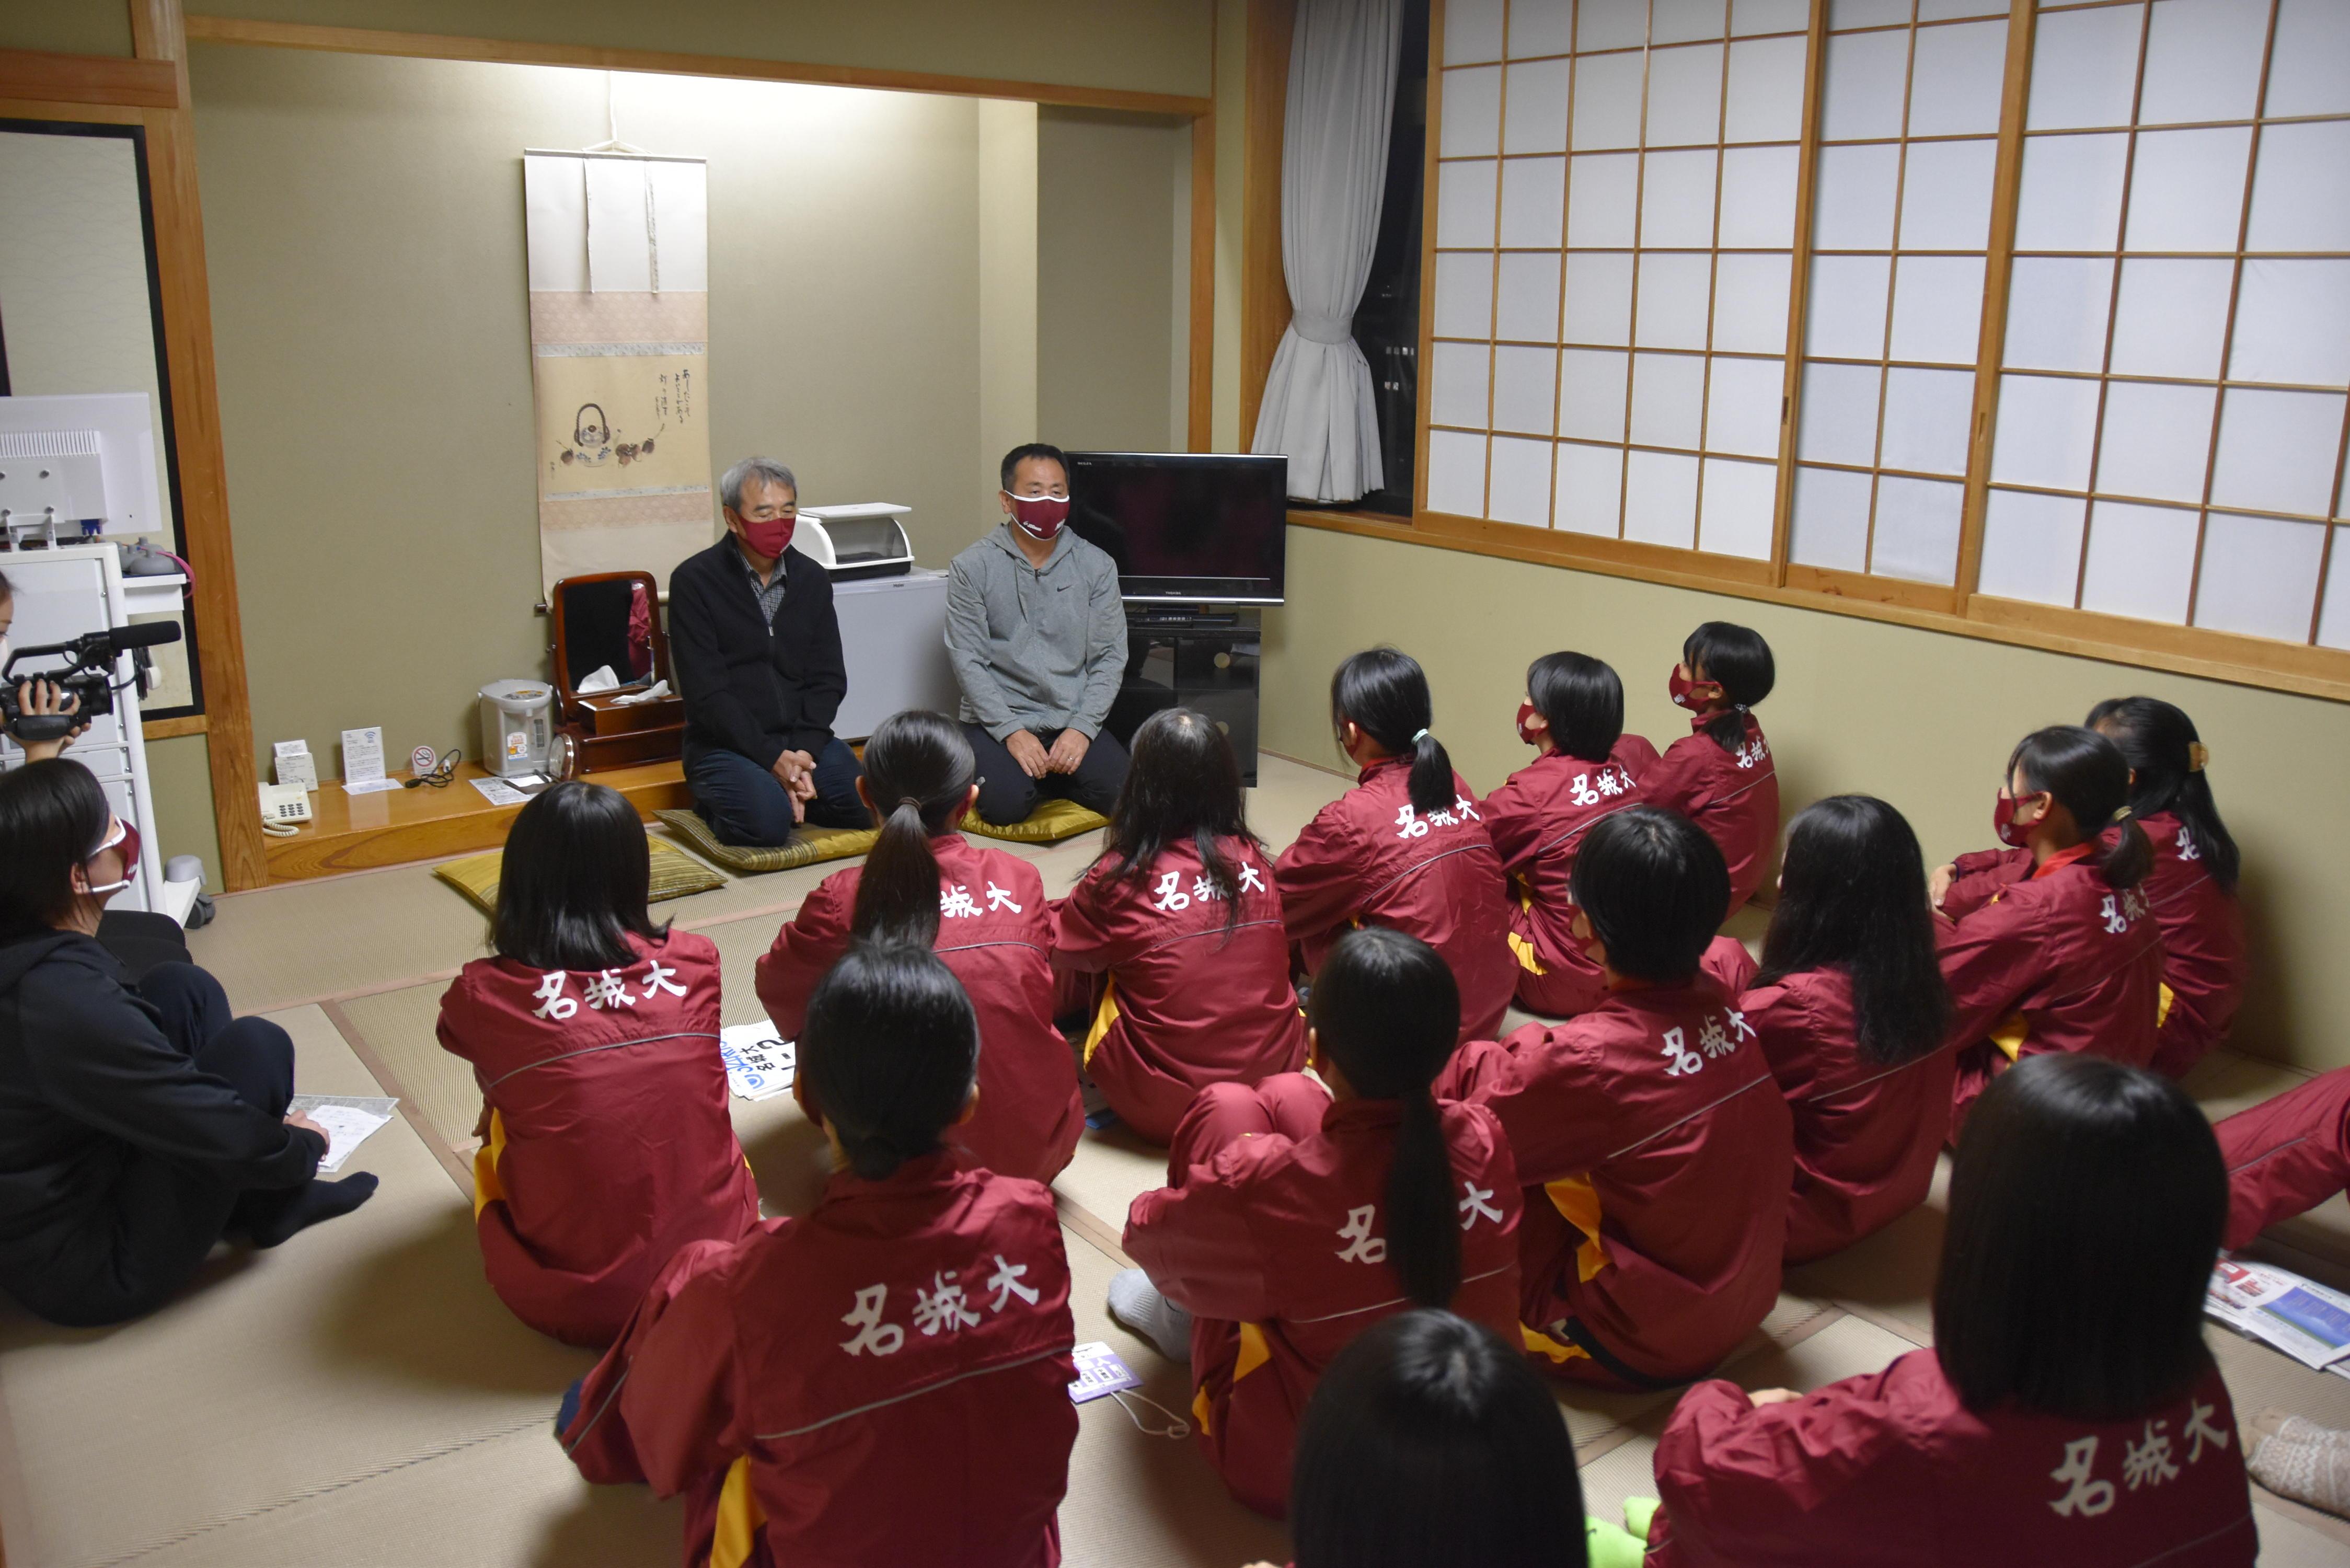 大会前最後のミーティングで語り掛ける米田監督